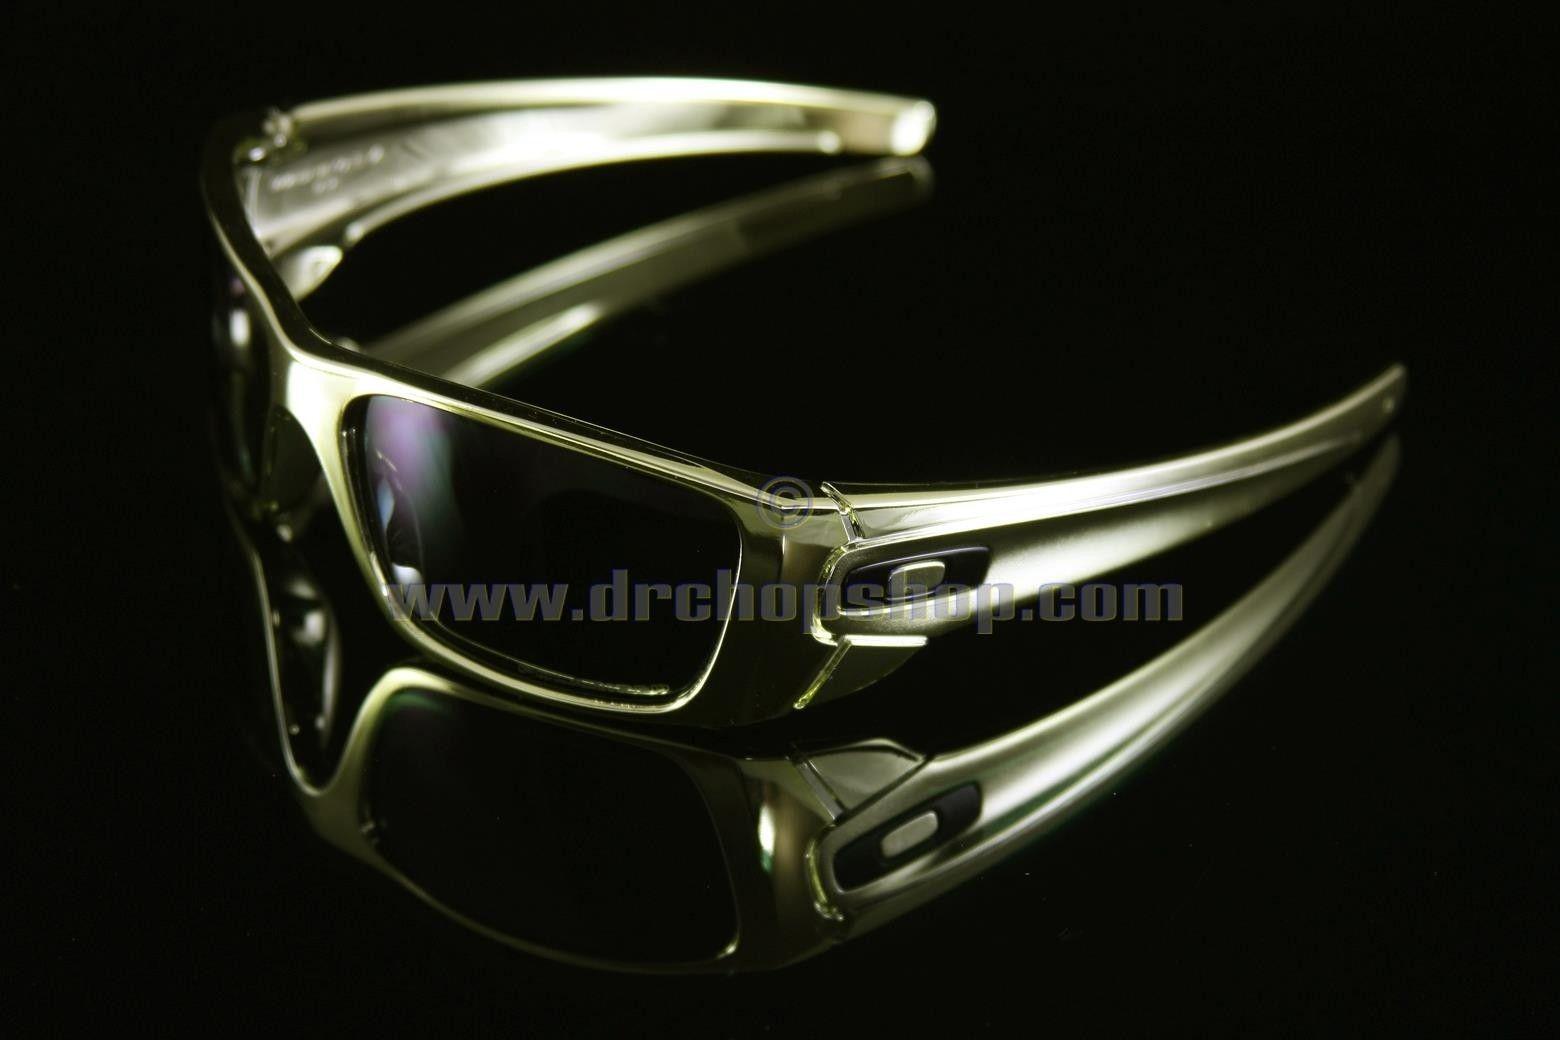 24k Gold, Blue Chrome RJ, New Zero S Custom, & More! - 478571_601833216495035_470035937_o.jpg